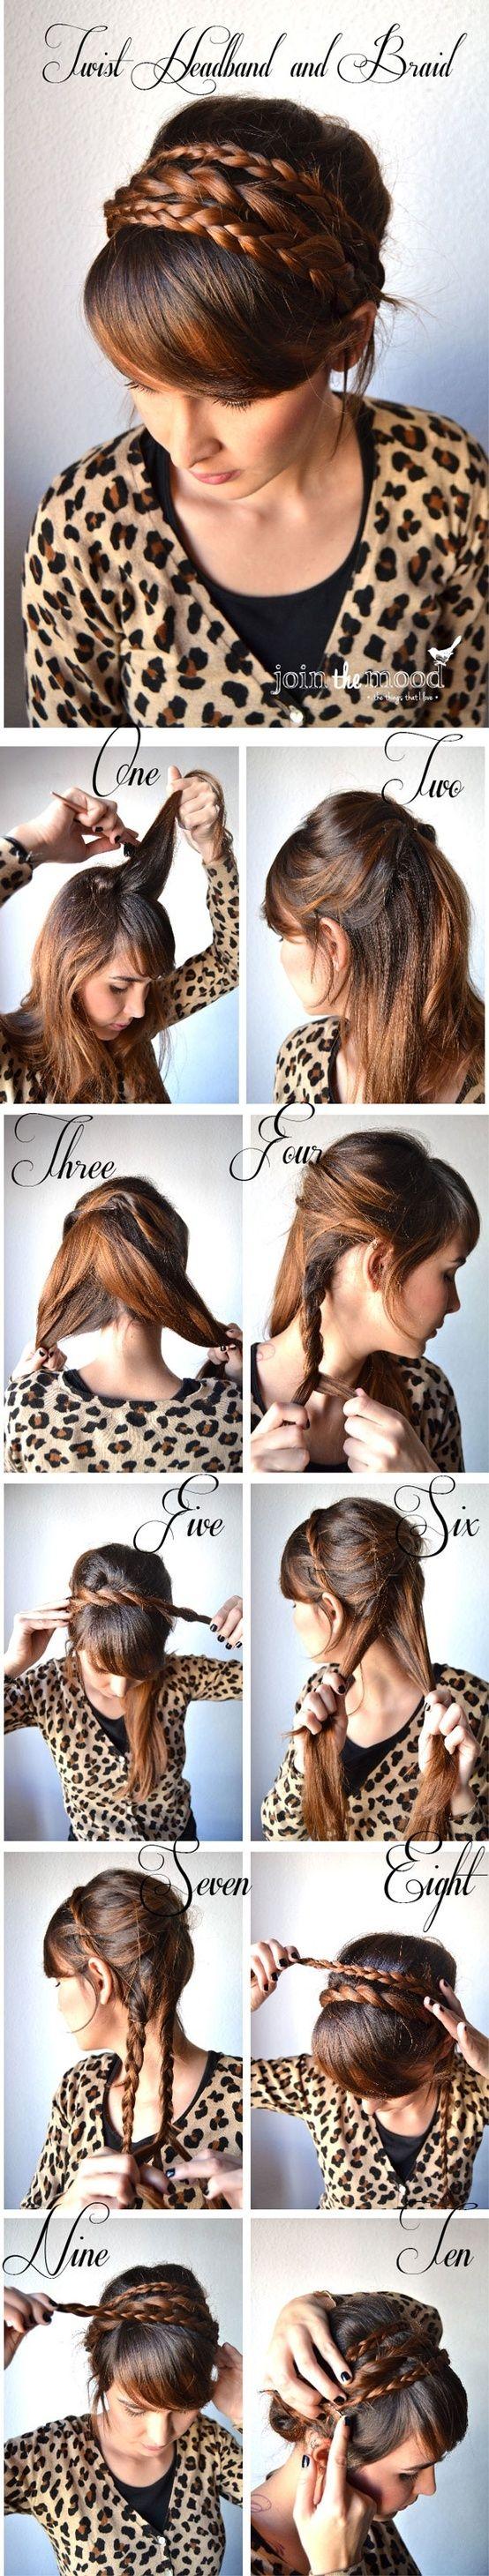 RECOGIDO SENCILLO PARA ESTAS FIESTAS. Sigue el paso a paso de las fotos para conseguir este recogido tan sencillo y llamativo. ¡Lúcelo en tu cabello estas fiestas!